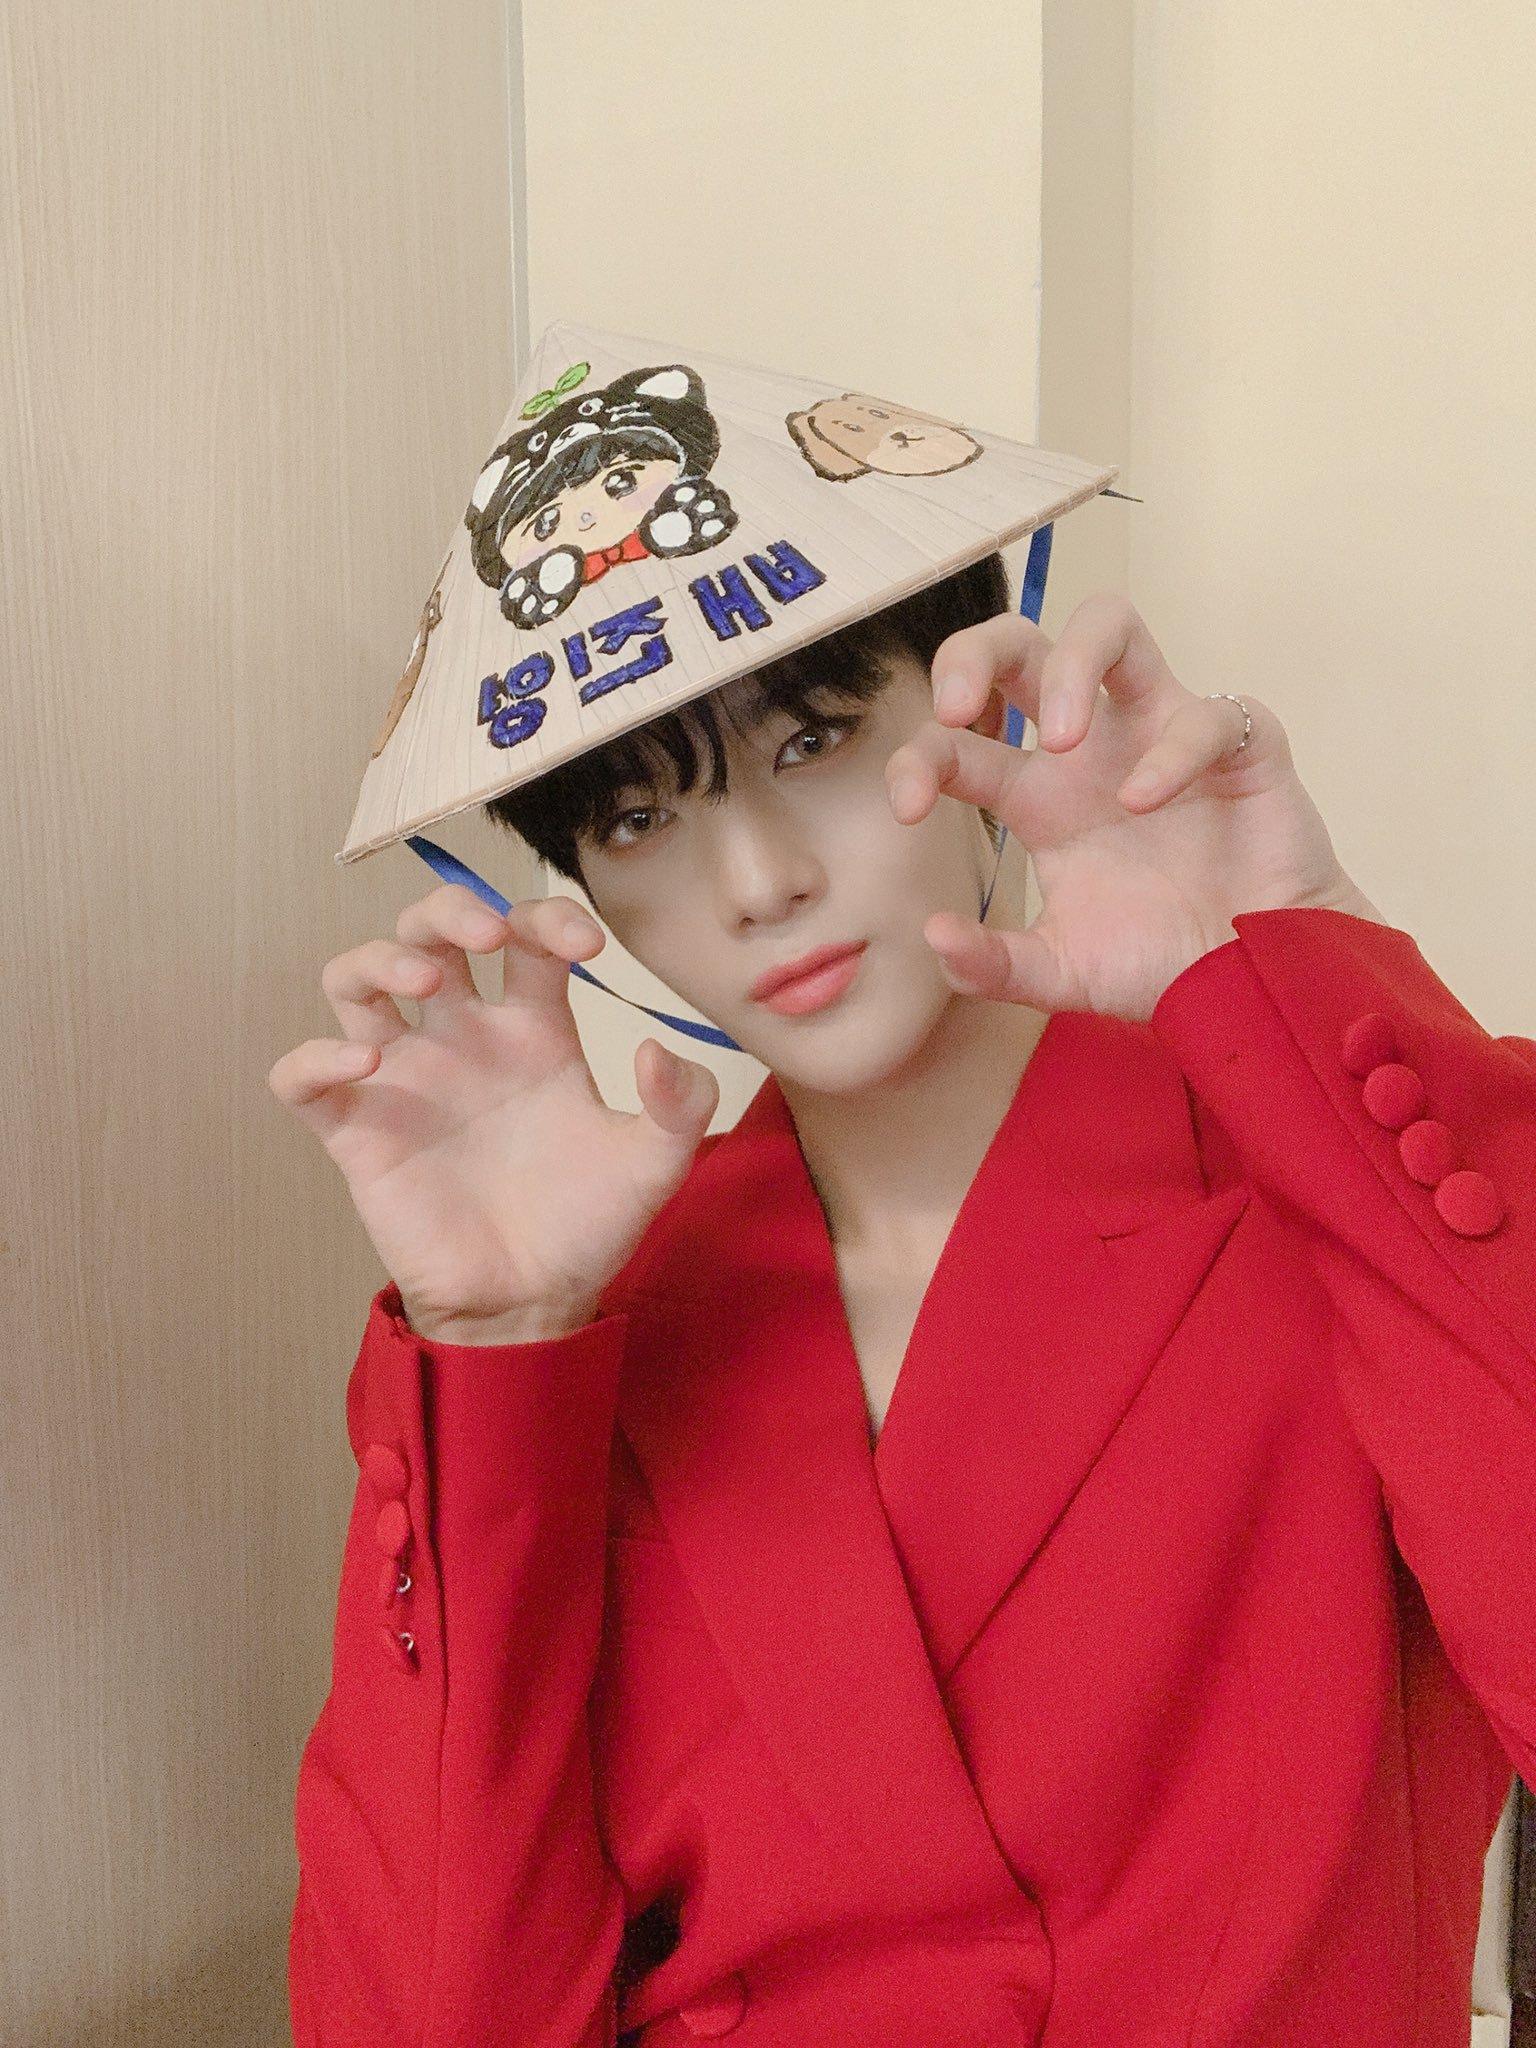 cix, cix profile, cix facts, cix leader, cix age, cix debut, cix bae jinyoung, bae jinyoung